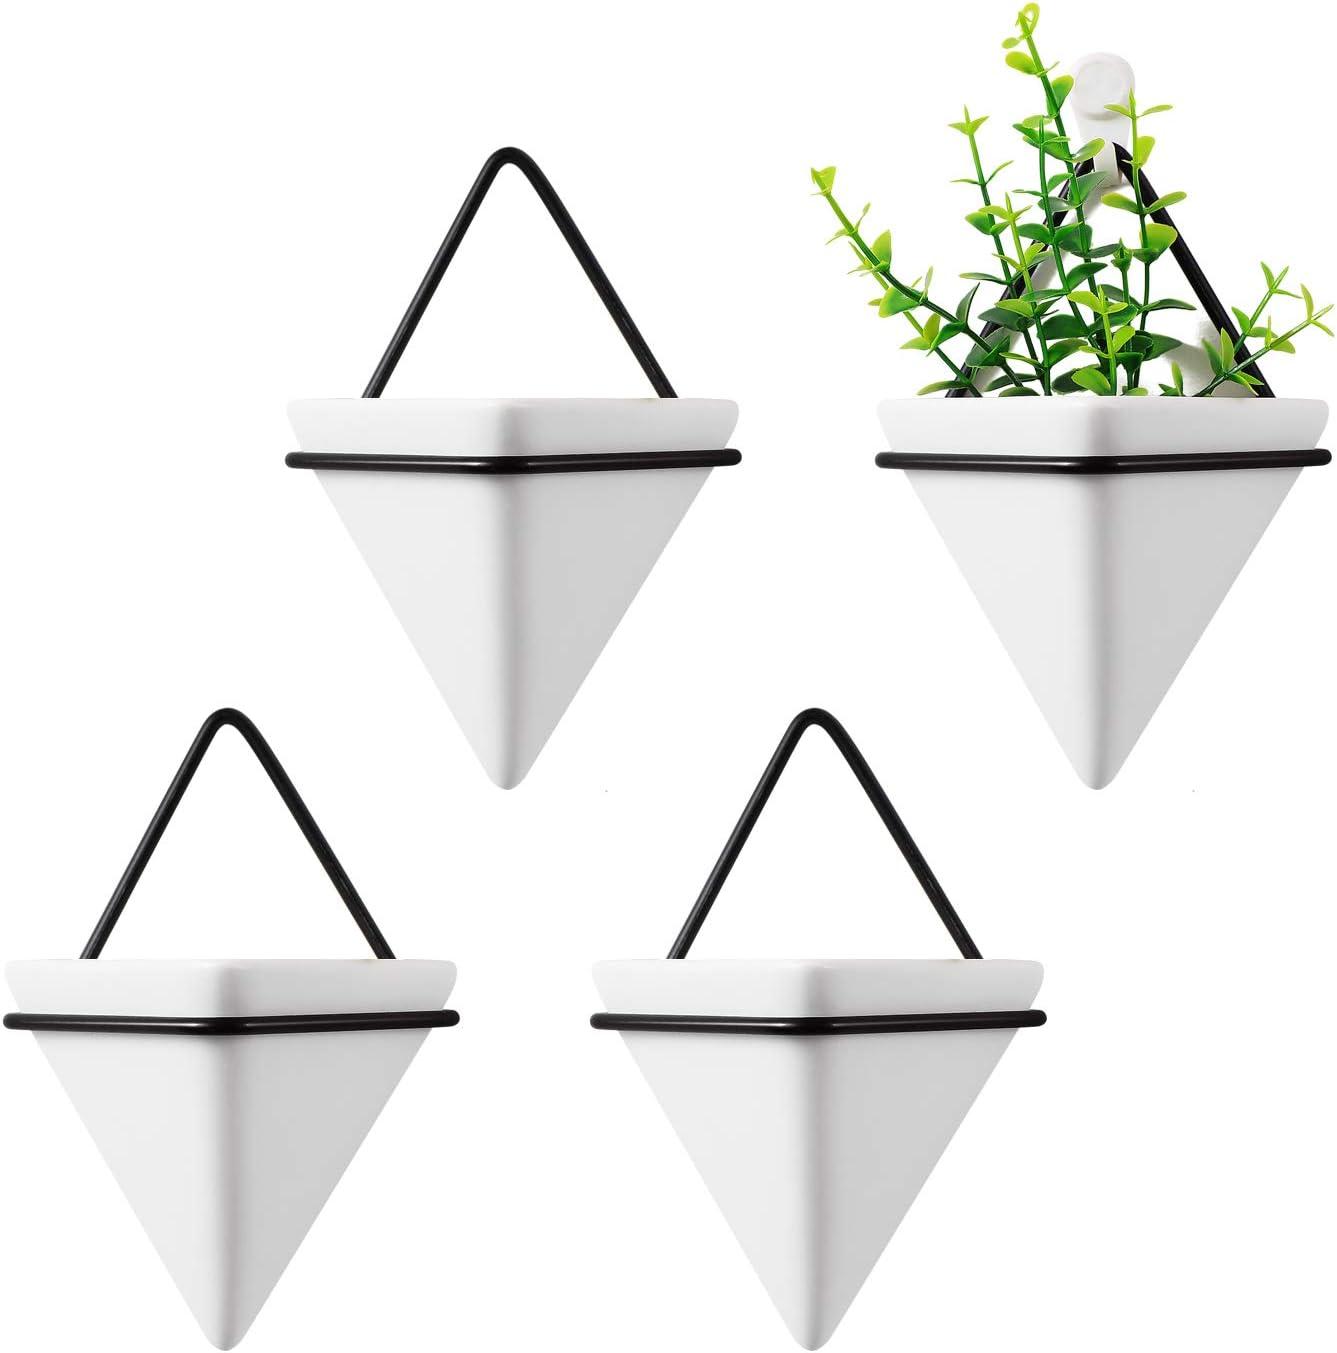 T4U Jardinera Triangular, Conjunto de 4 Jarrón de Jardinera Colgante & Maceta Geométrica Decoración de la Pared Planta de Aire Contenedor para Decoración Regalo para Cumpleaños o Boda (Pequeño)